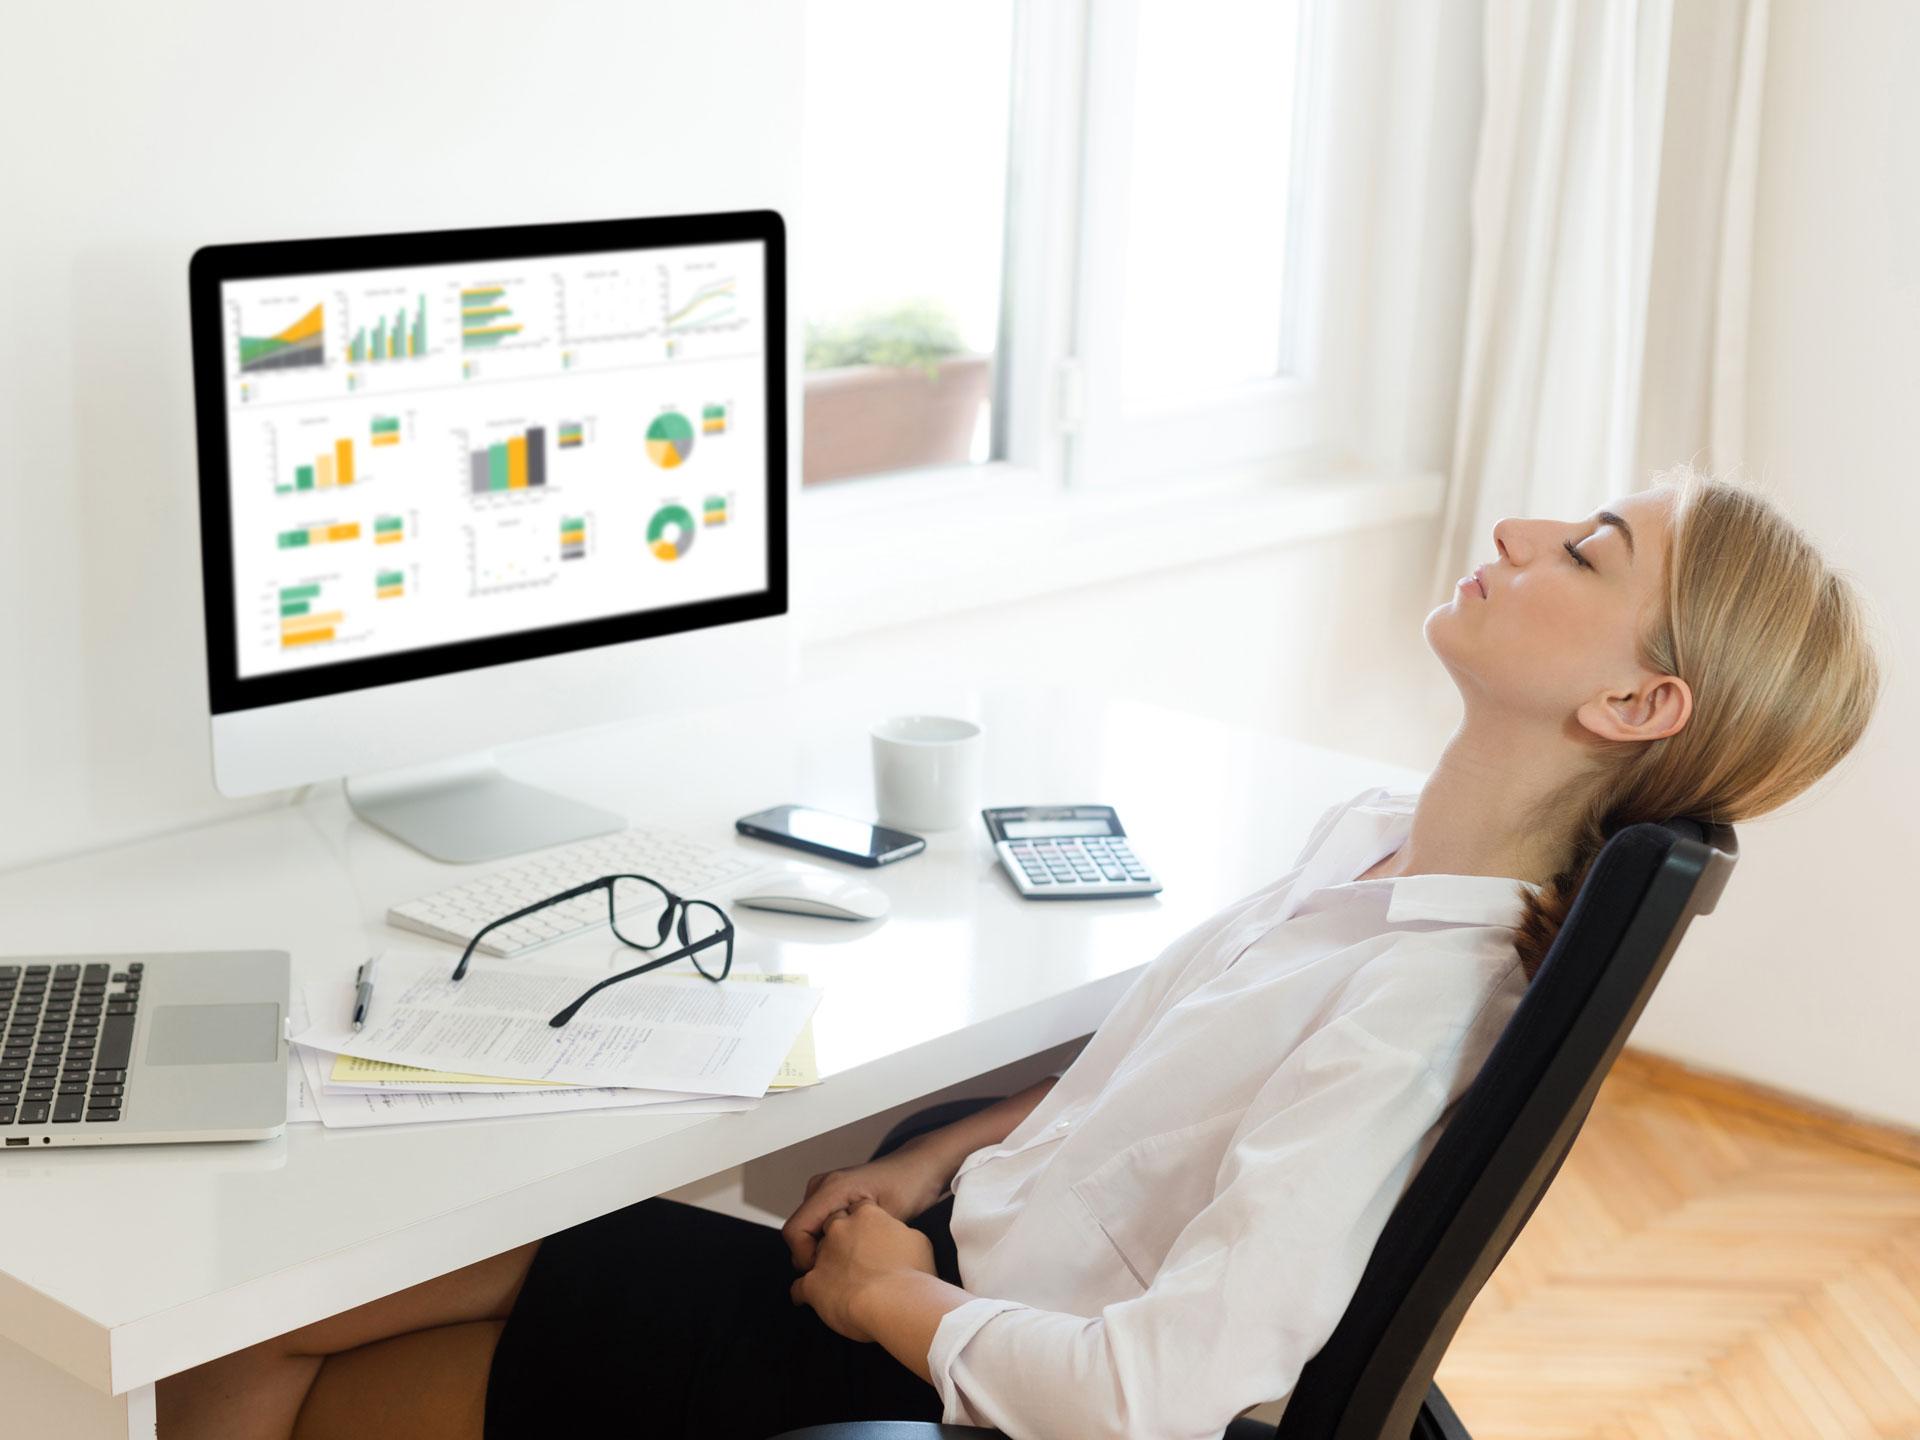 Achte auch im Home-Office auf regelmäßige Pausen – diese sind wichtig und helfen gegen Verspannungen im Nacken.